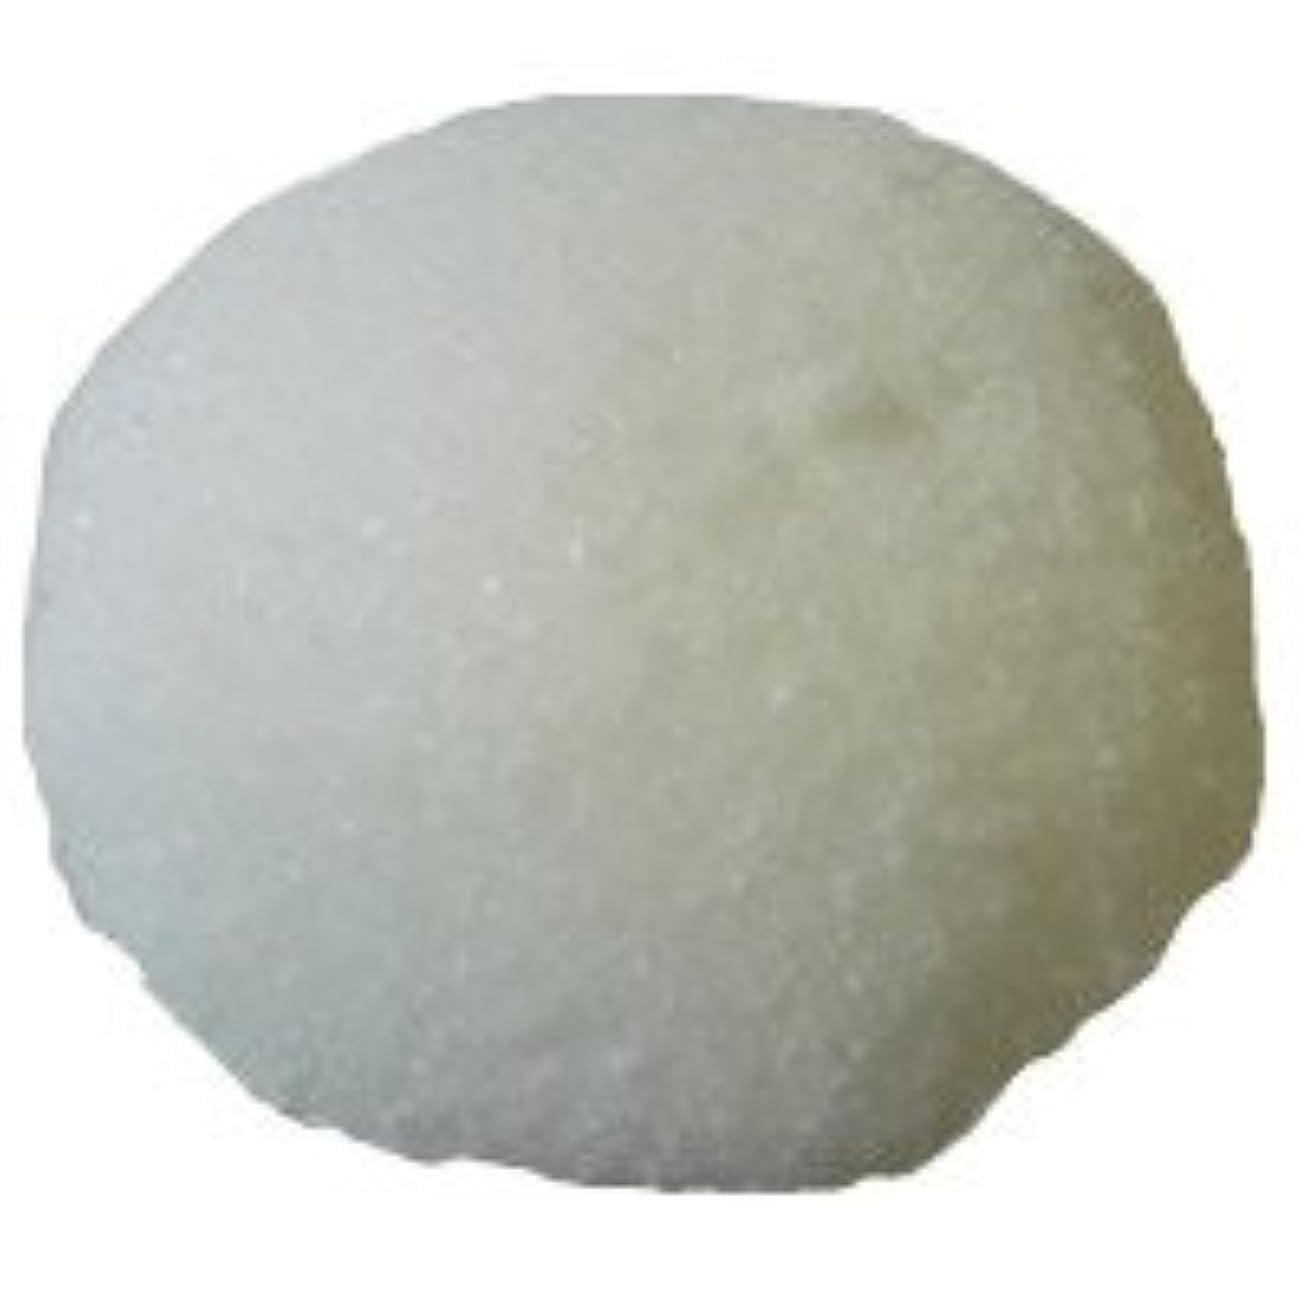 トラフアンデス山脈系譜カリス成城 キャンドルの素 1kg